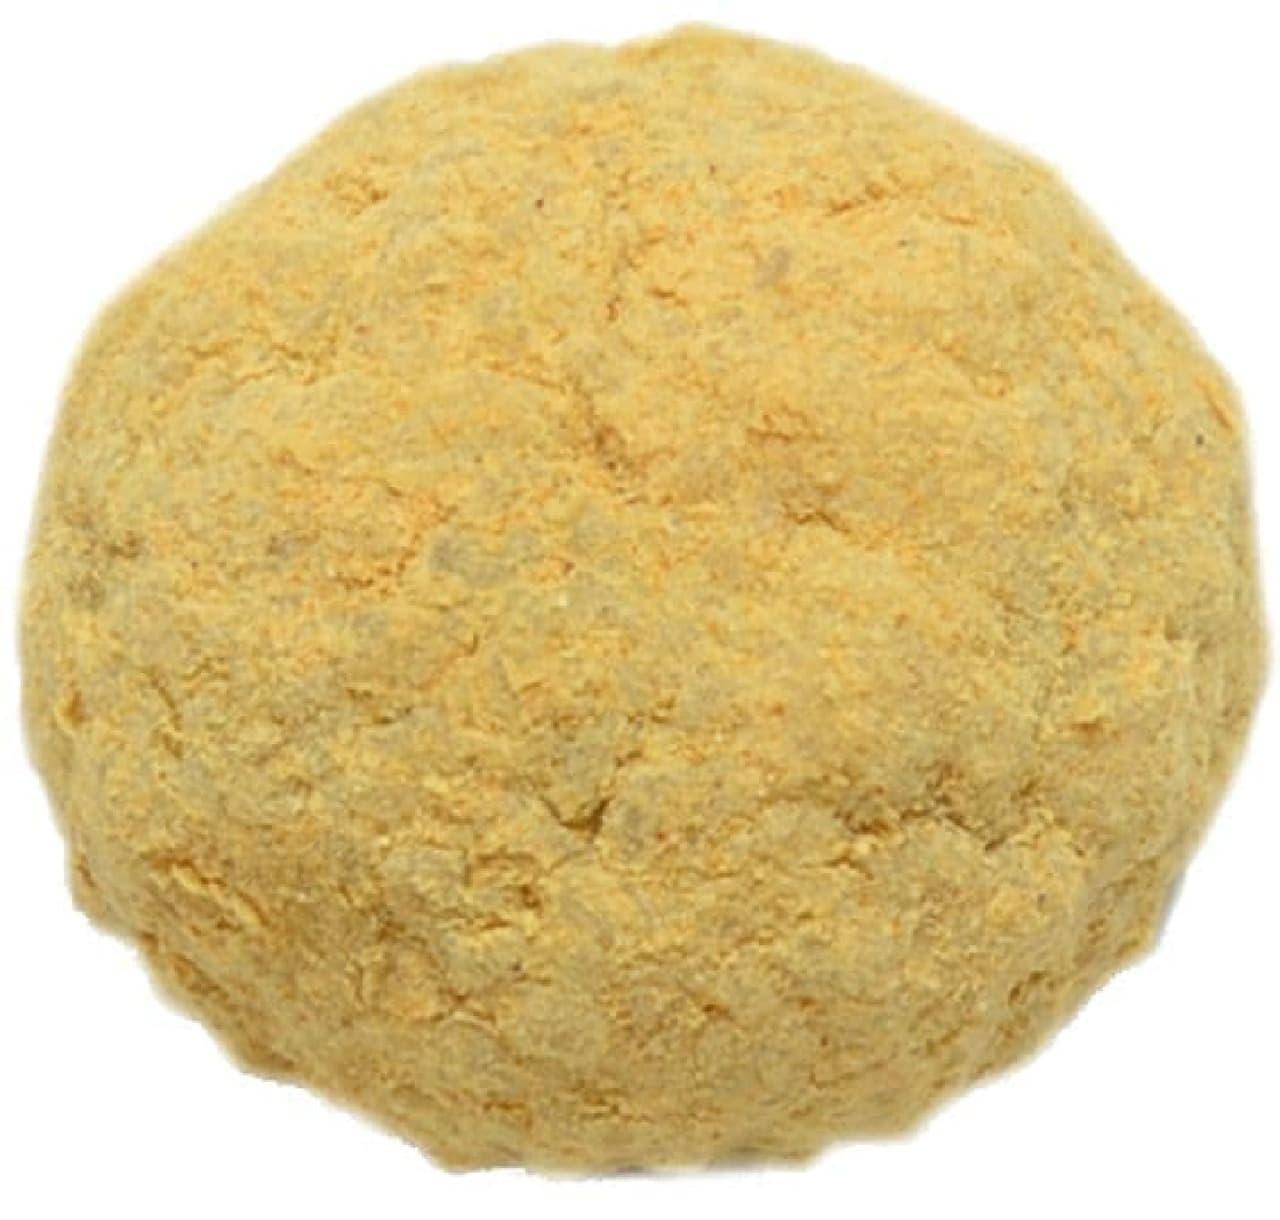 セブン-イレブン「きなこのもっちり大福 発芽玄米入り」